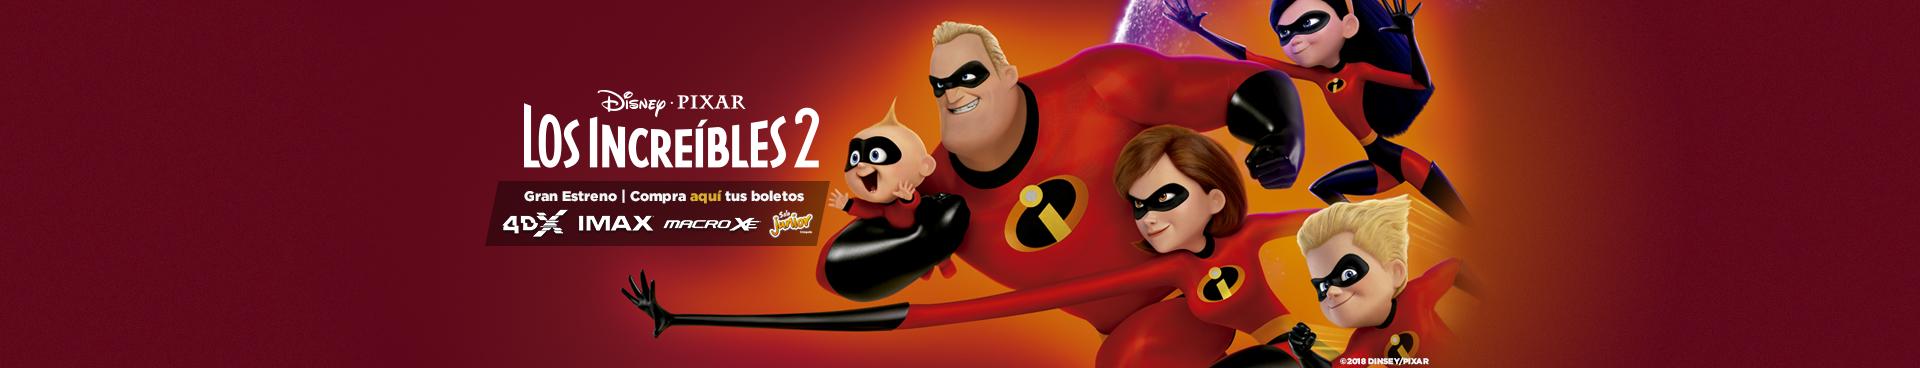 Gran estreno: Los Increíbles 2